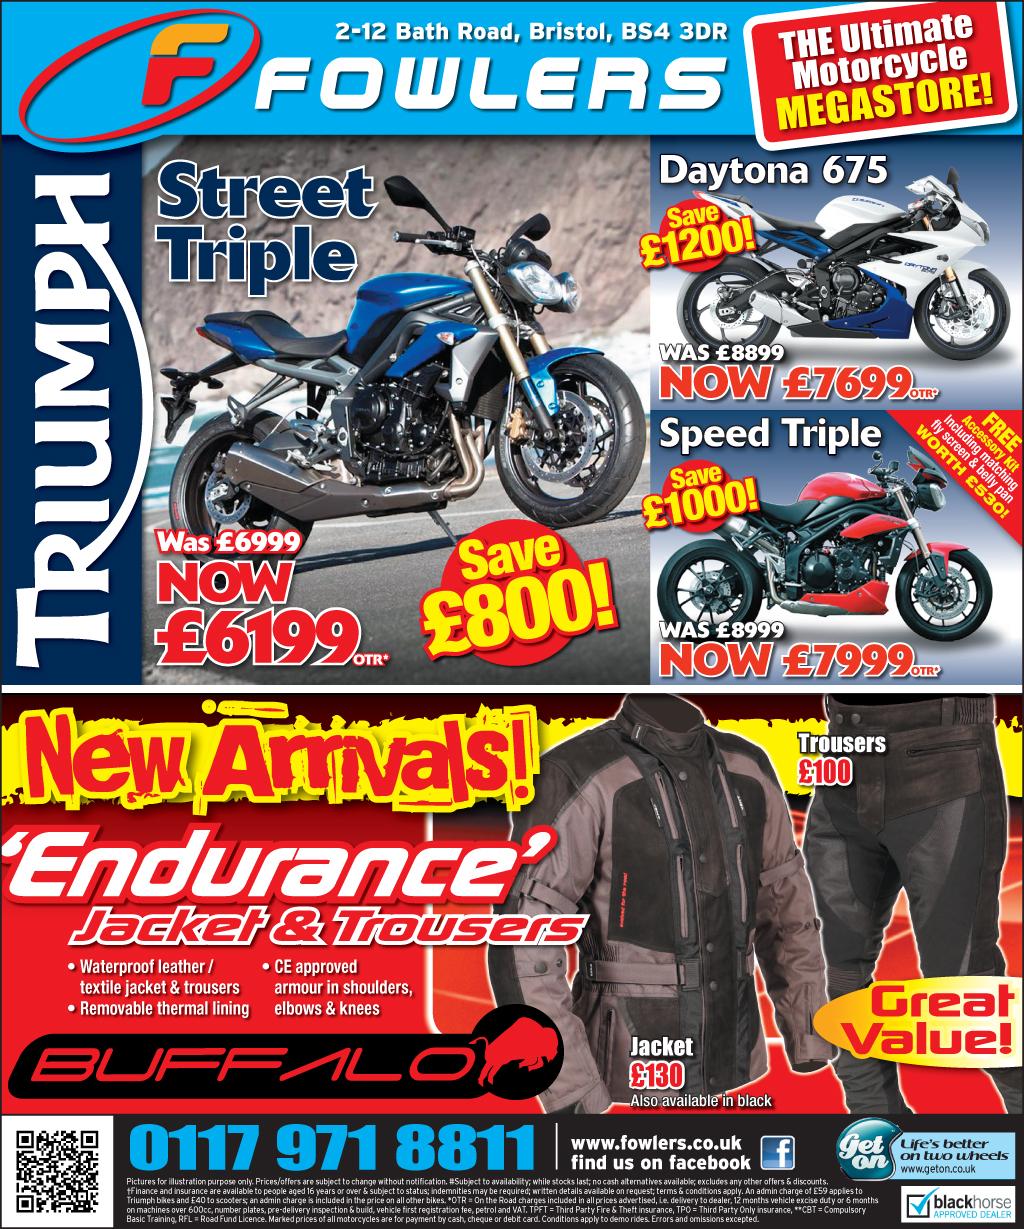 Bristol Post Triumph 21st May 2013